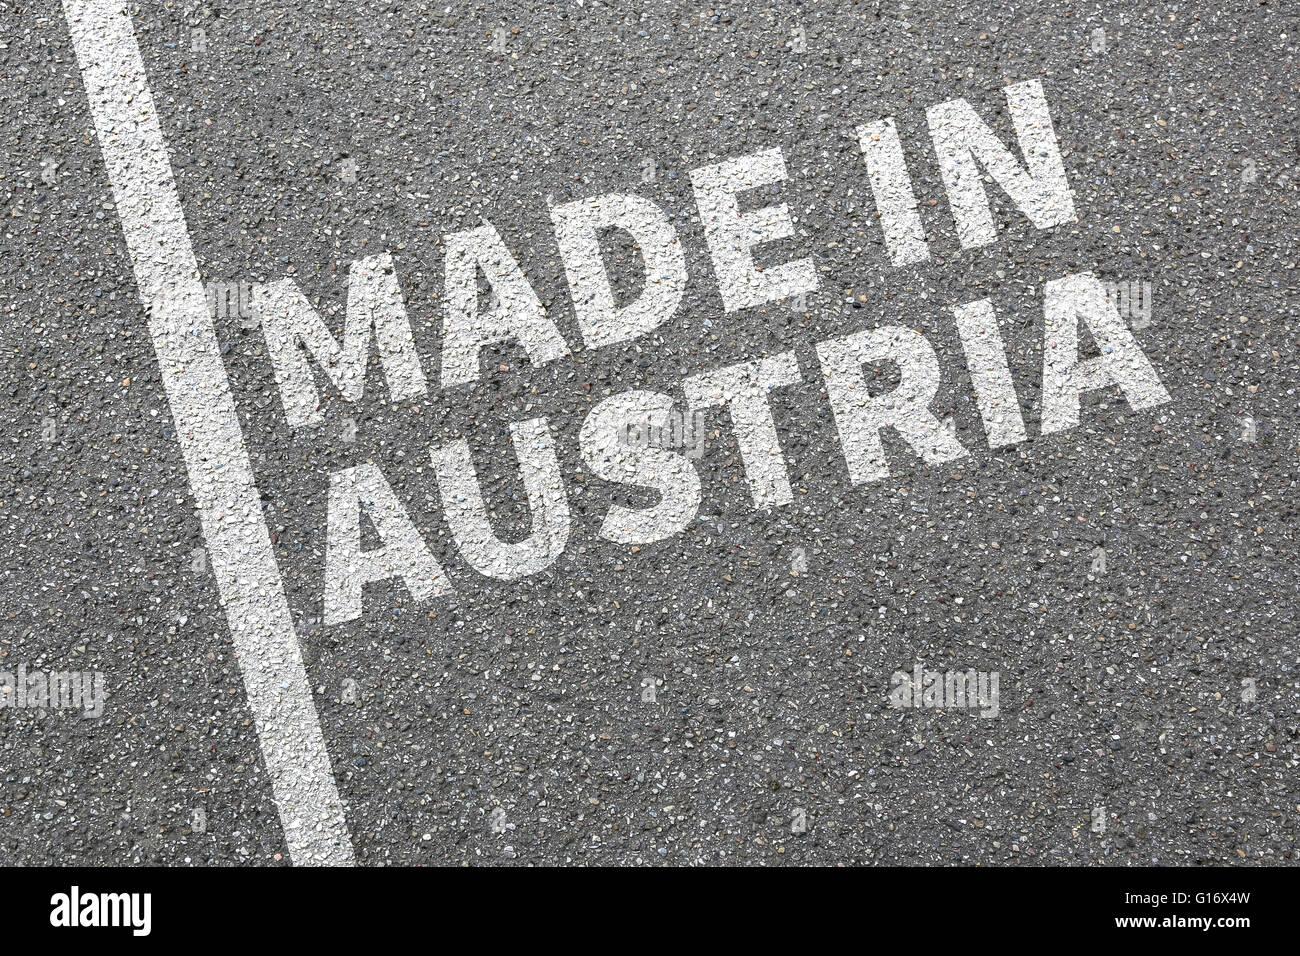 Hergestellt in Österreich Produkt marketing Gesellschaft Qualitätskonzept Stockbild